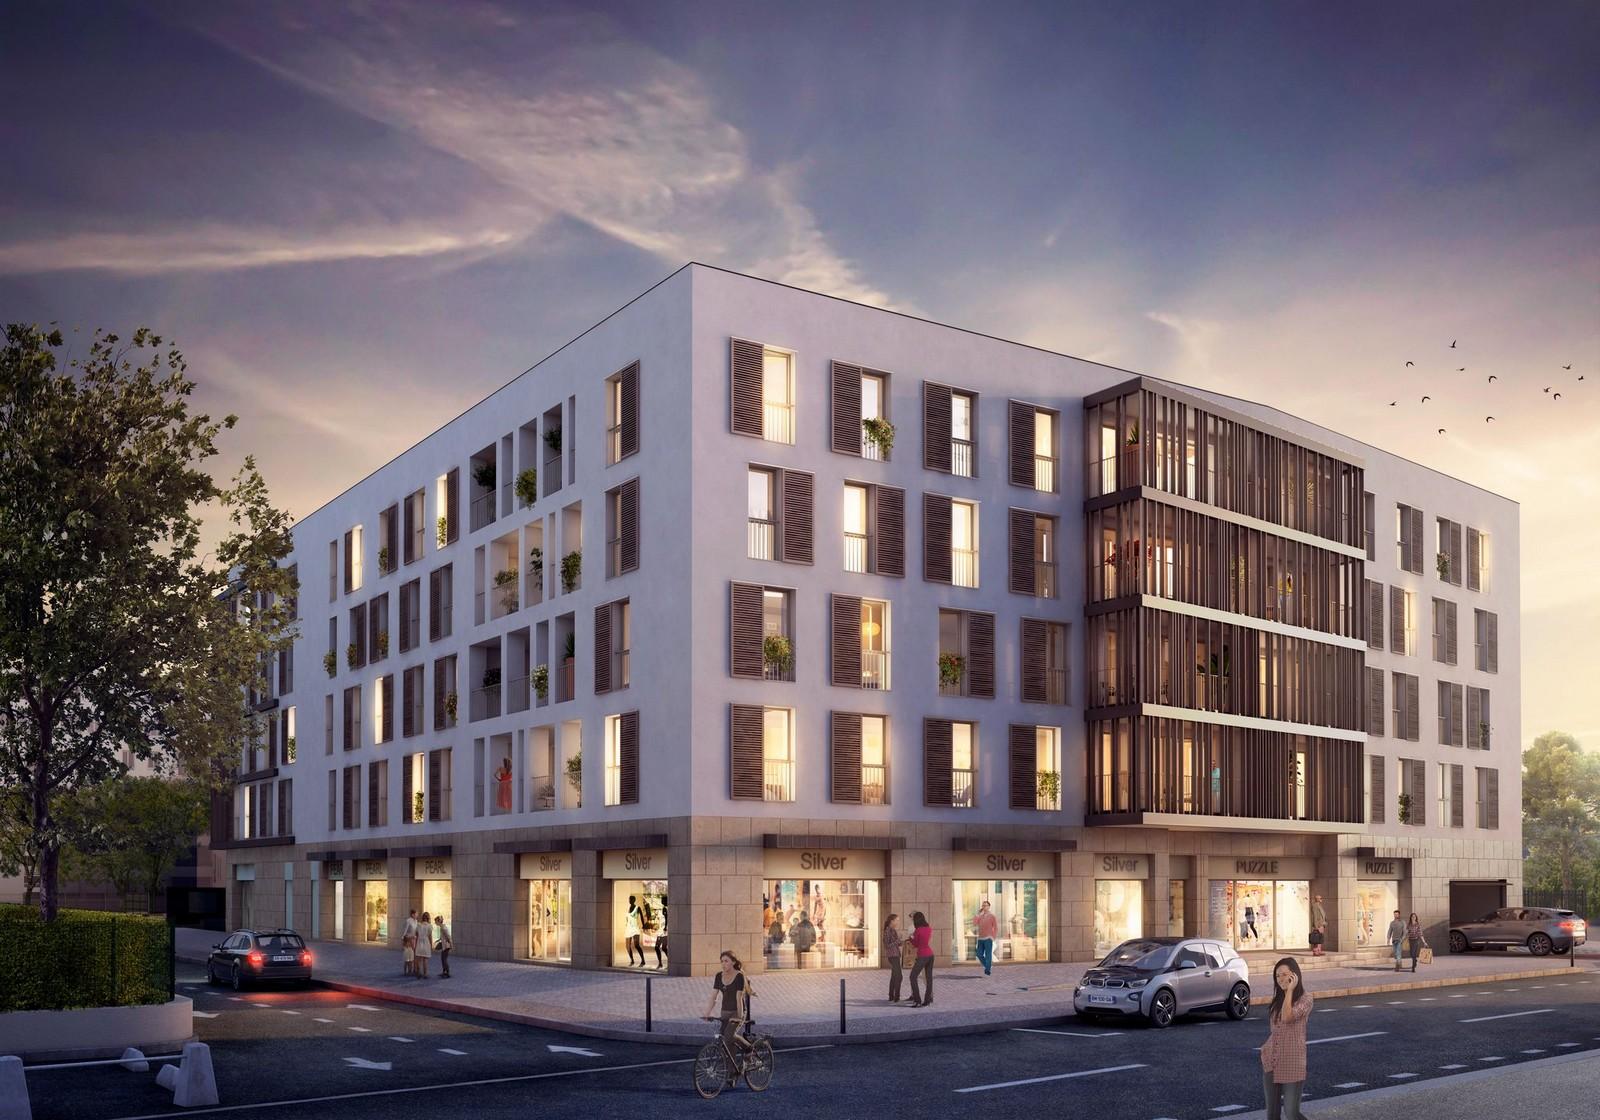 Les Sens Du Bien Etre Chaville appartement neuf à vendre marseille 8 - arbor&sens   ogic